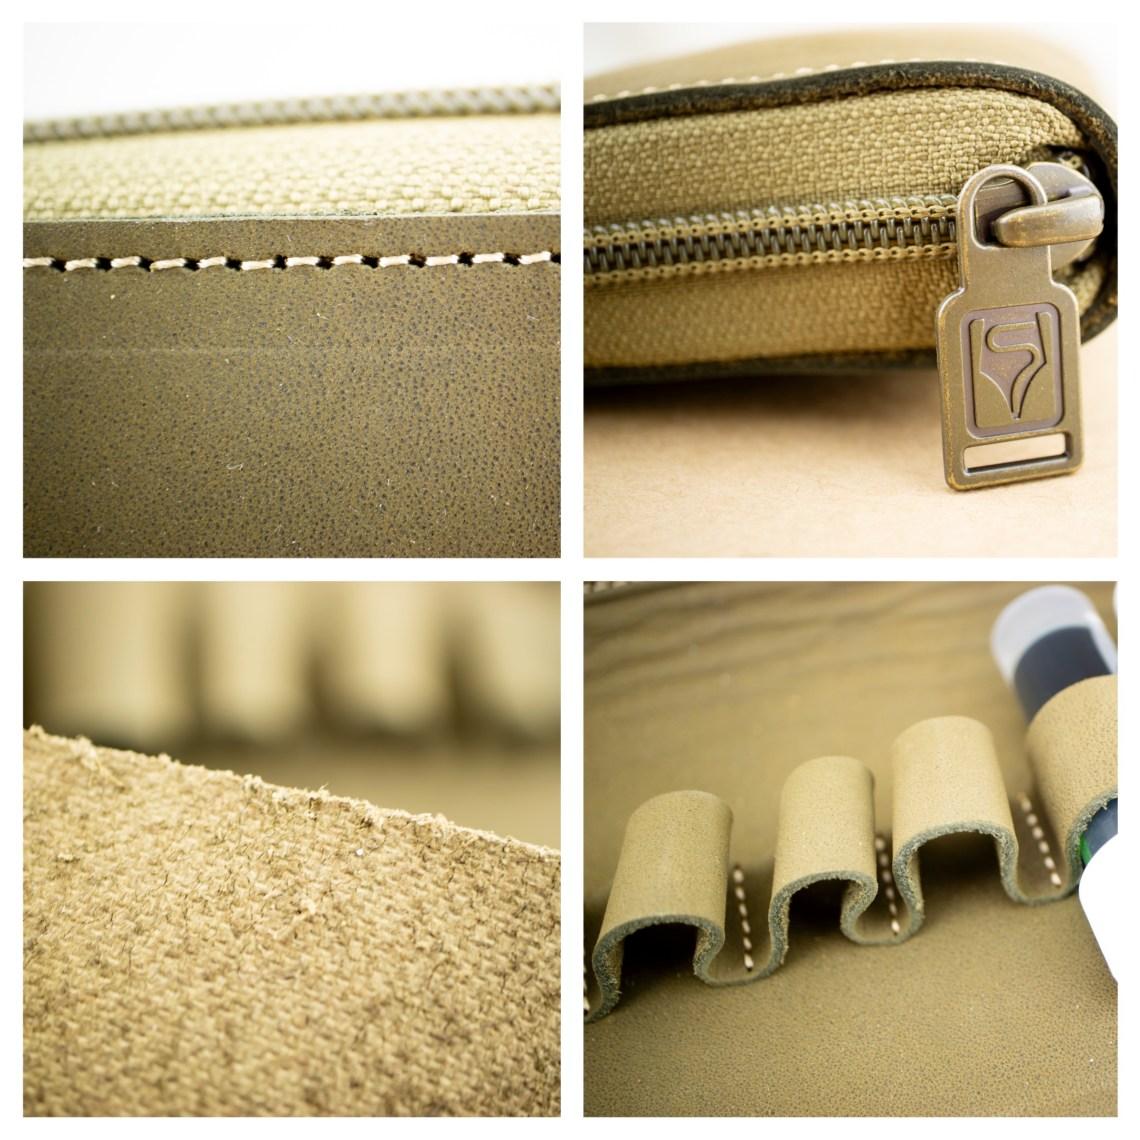 Shibui 9-Vial Case - detail images